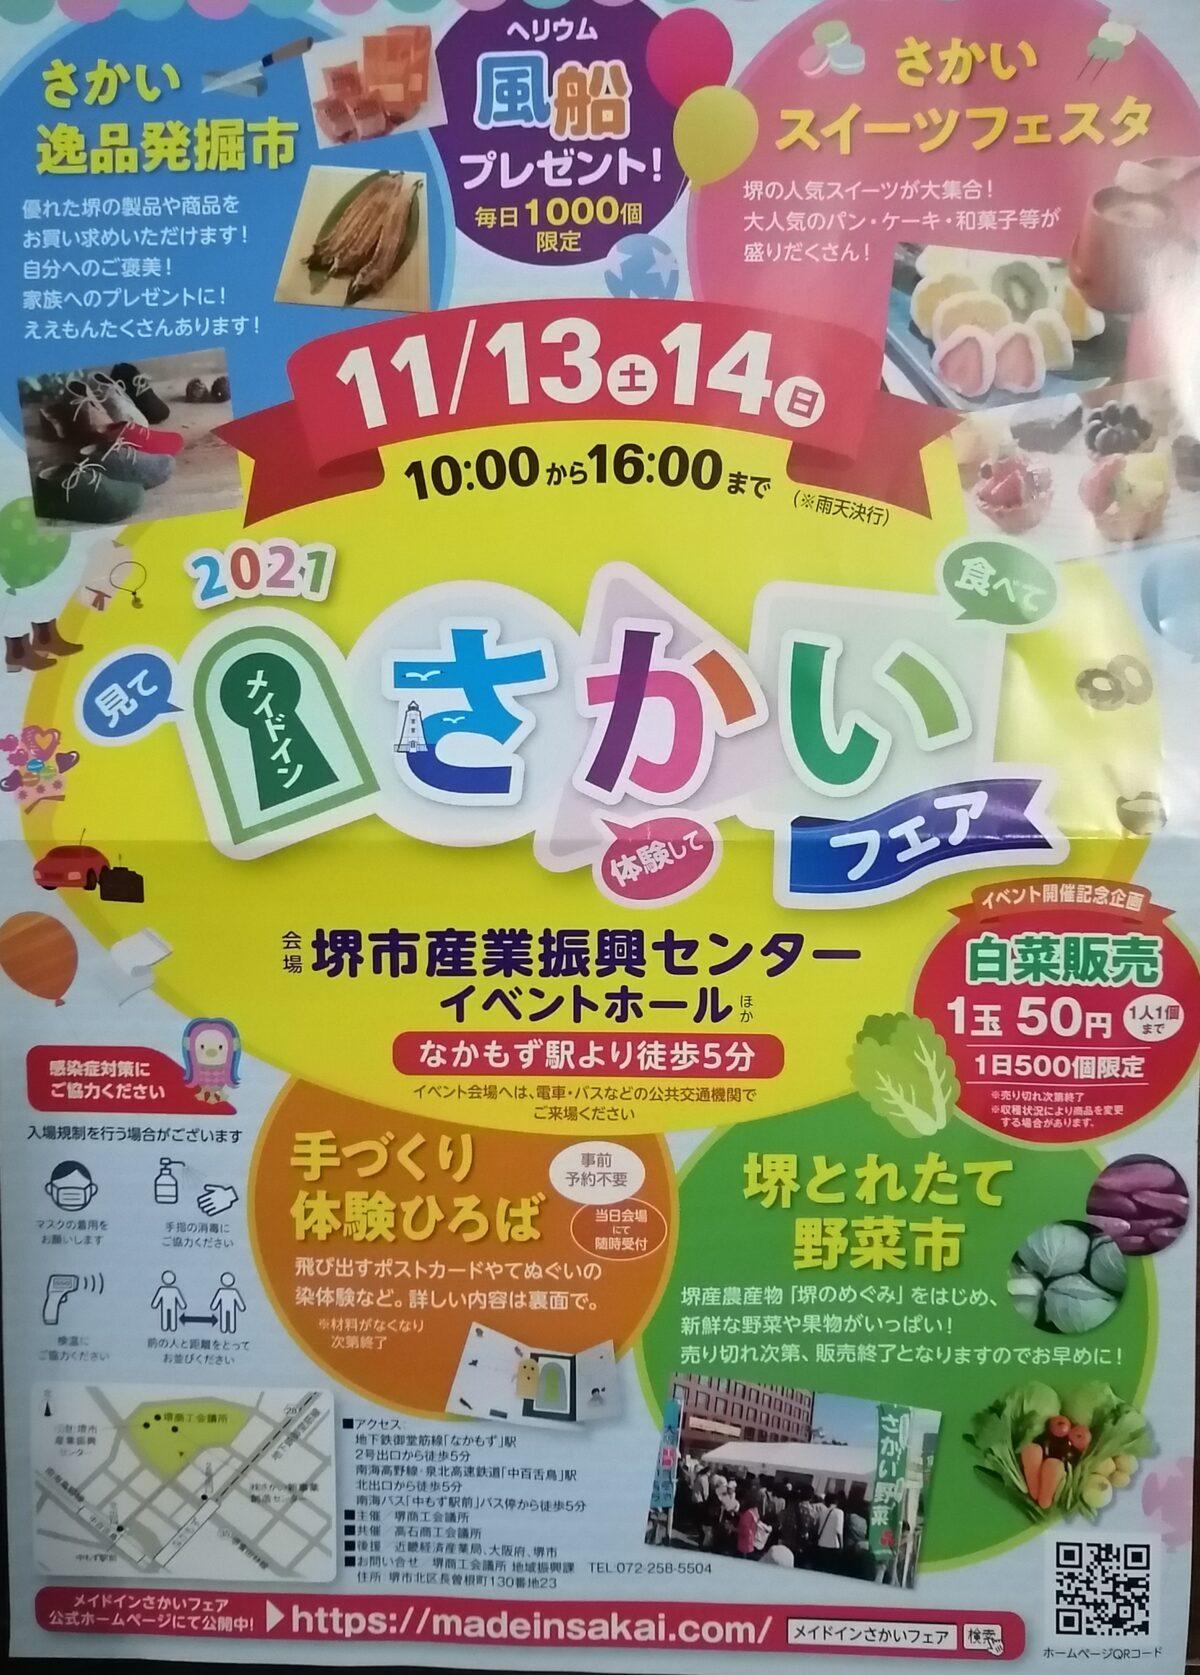 【イベント】2021.11/13(土)~14(日)☆堺市北区・堺の名産物が大集合!!手作り体験や野菜市もあるよ♪『メイドインさかいフェア』が開催されます!: